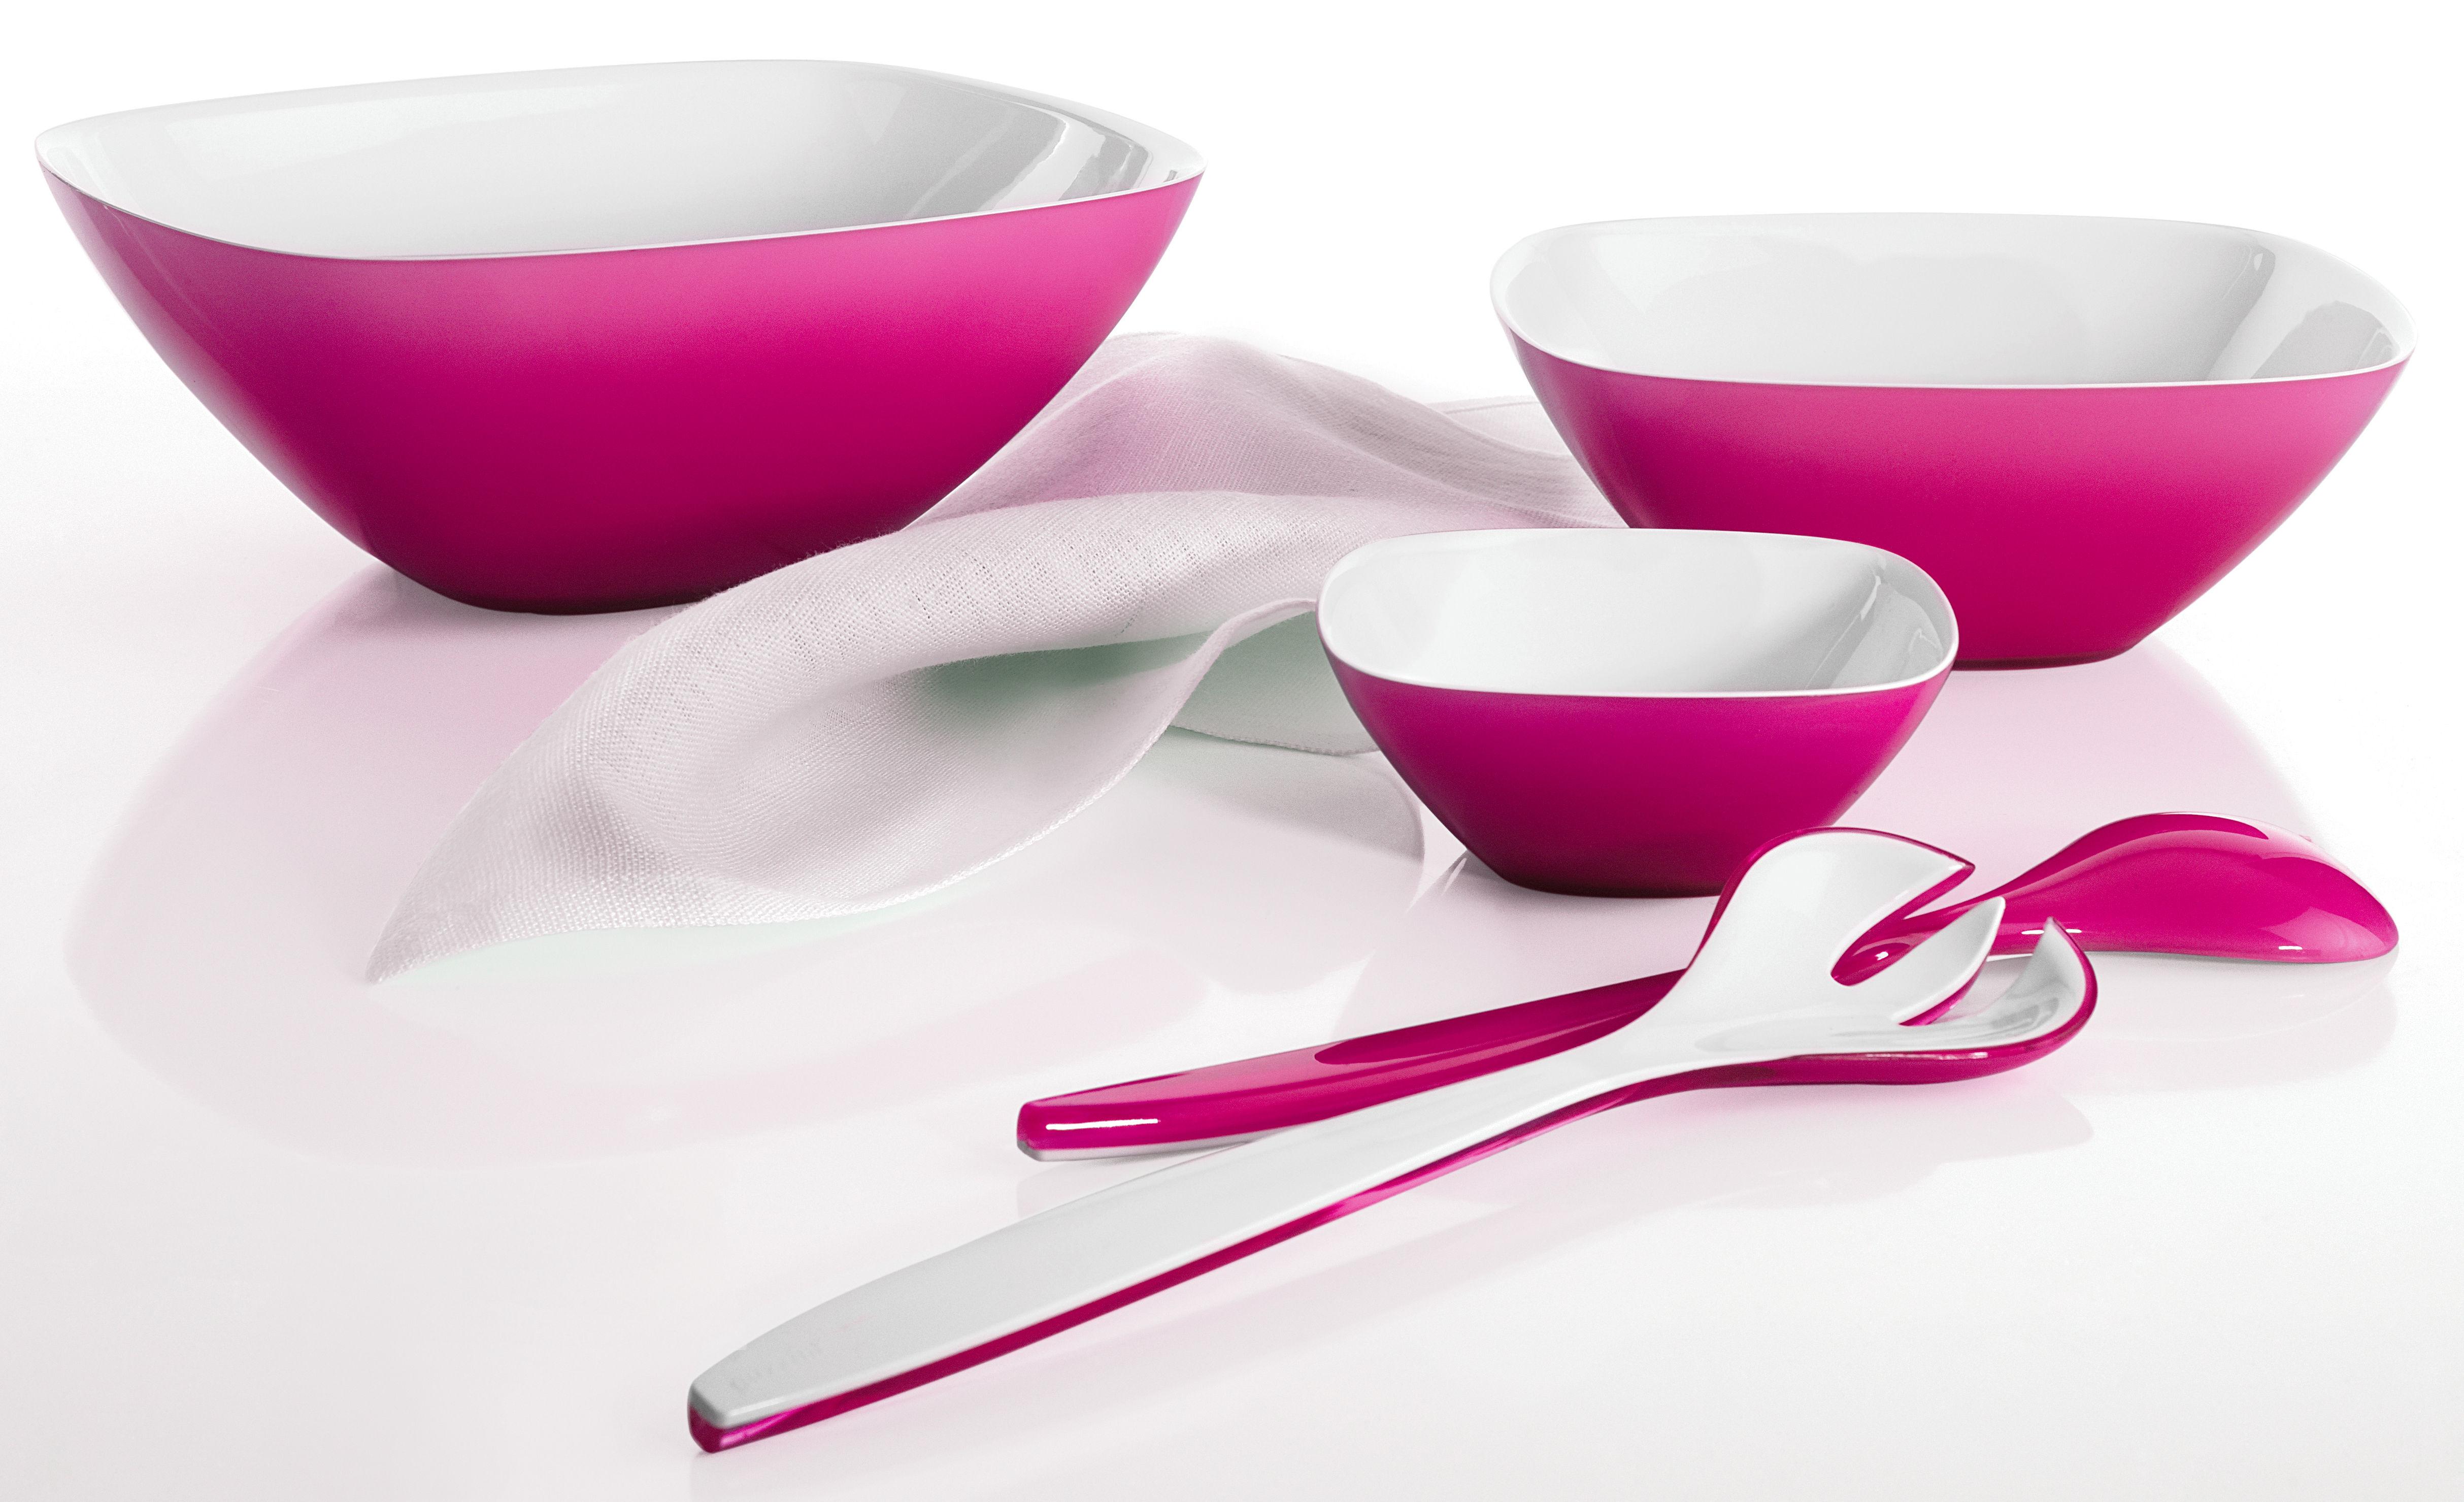 Plafoniere Da Esterno Guzzini : Vintage insalatiera bianco rosso by guzzini made in design